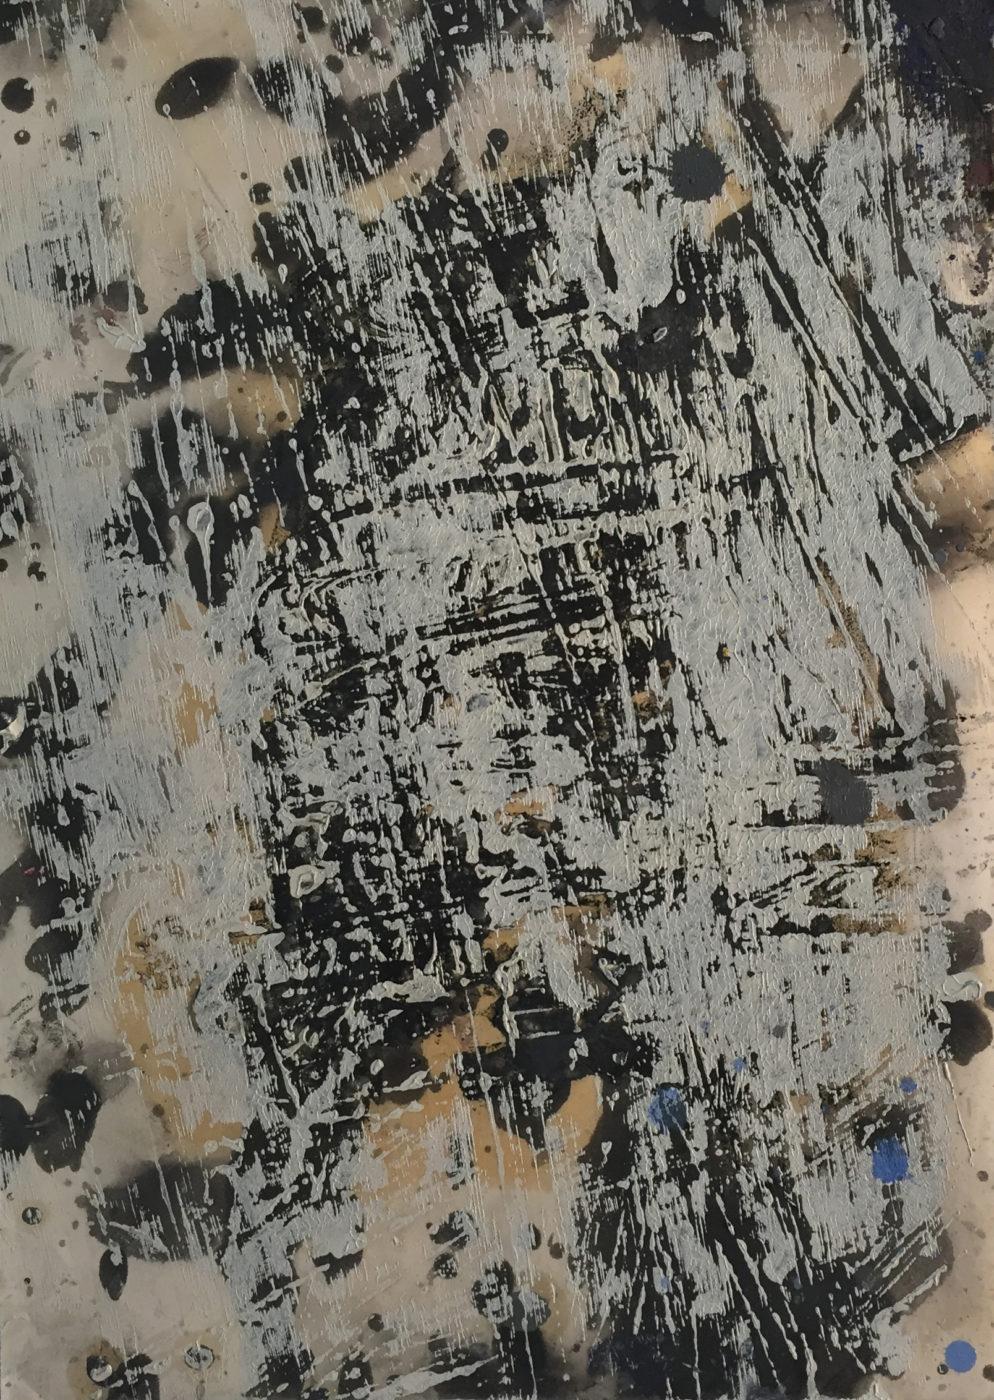 MARC FELD 2014 PEAU DE LA VIEILLE HUTTE 1 Huile sur papier 24x32 cm